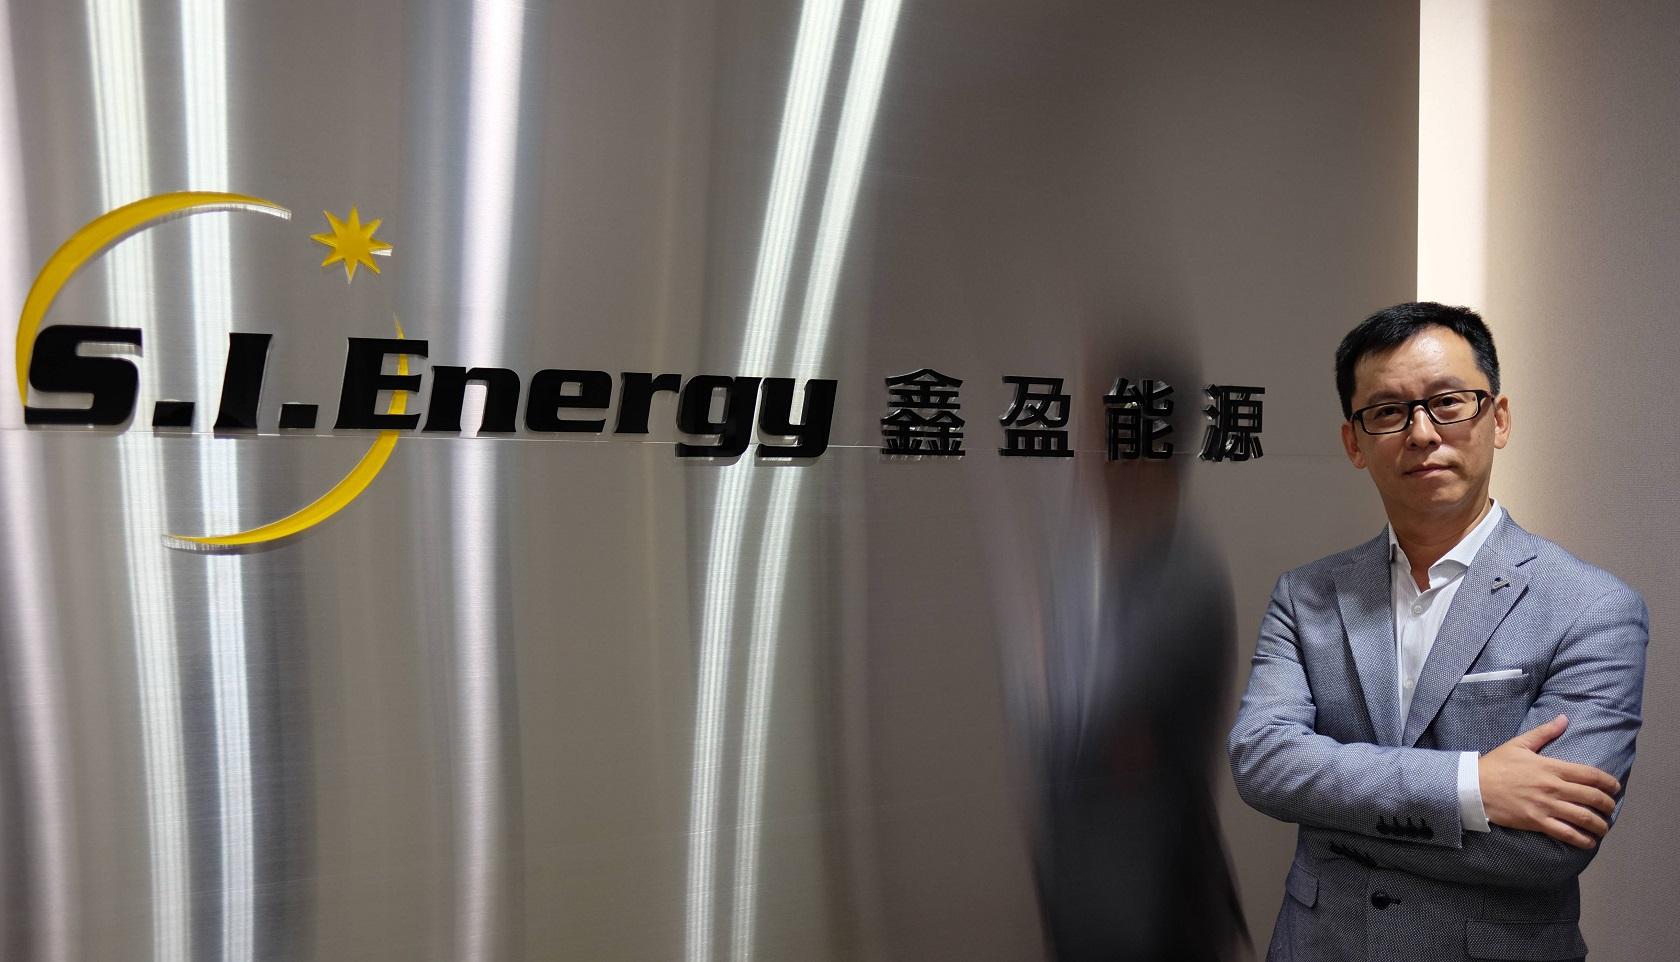 【就業新市場】陽光「男」的綠能游牧歲月:專訪鑫盈能源公司執行長徐嘉男